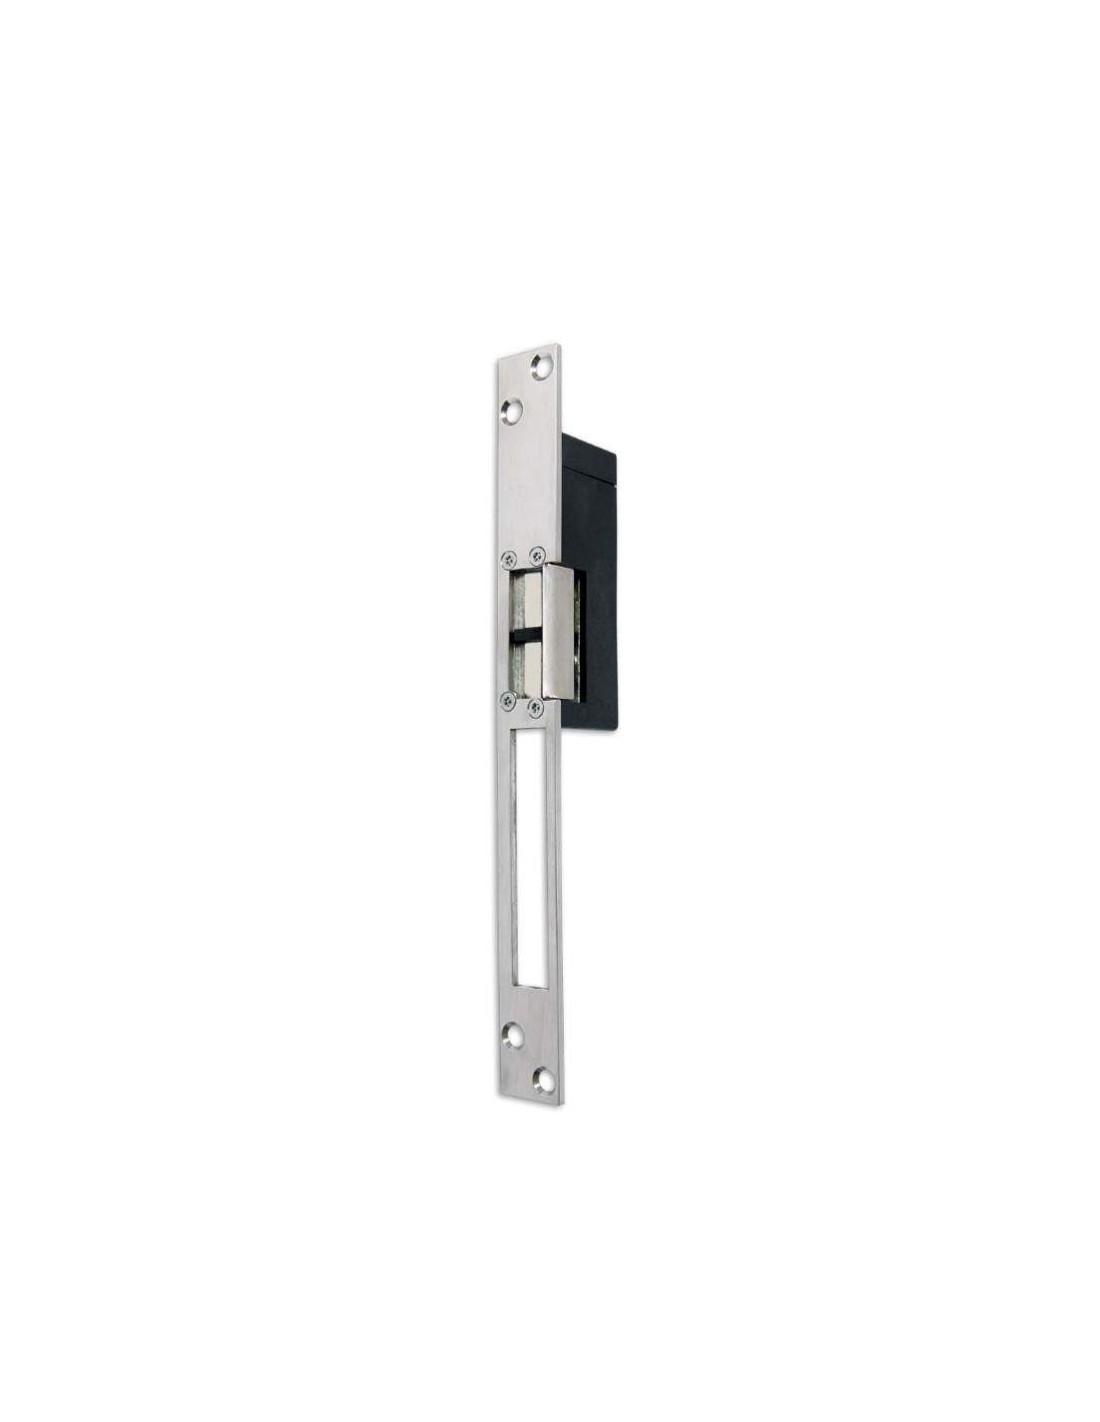 Cerradura el ctrica estanca ip54 para puertas tsimplifica - Cerraduras de seguridad precios ...